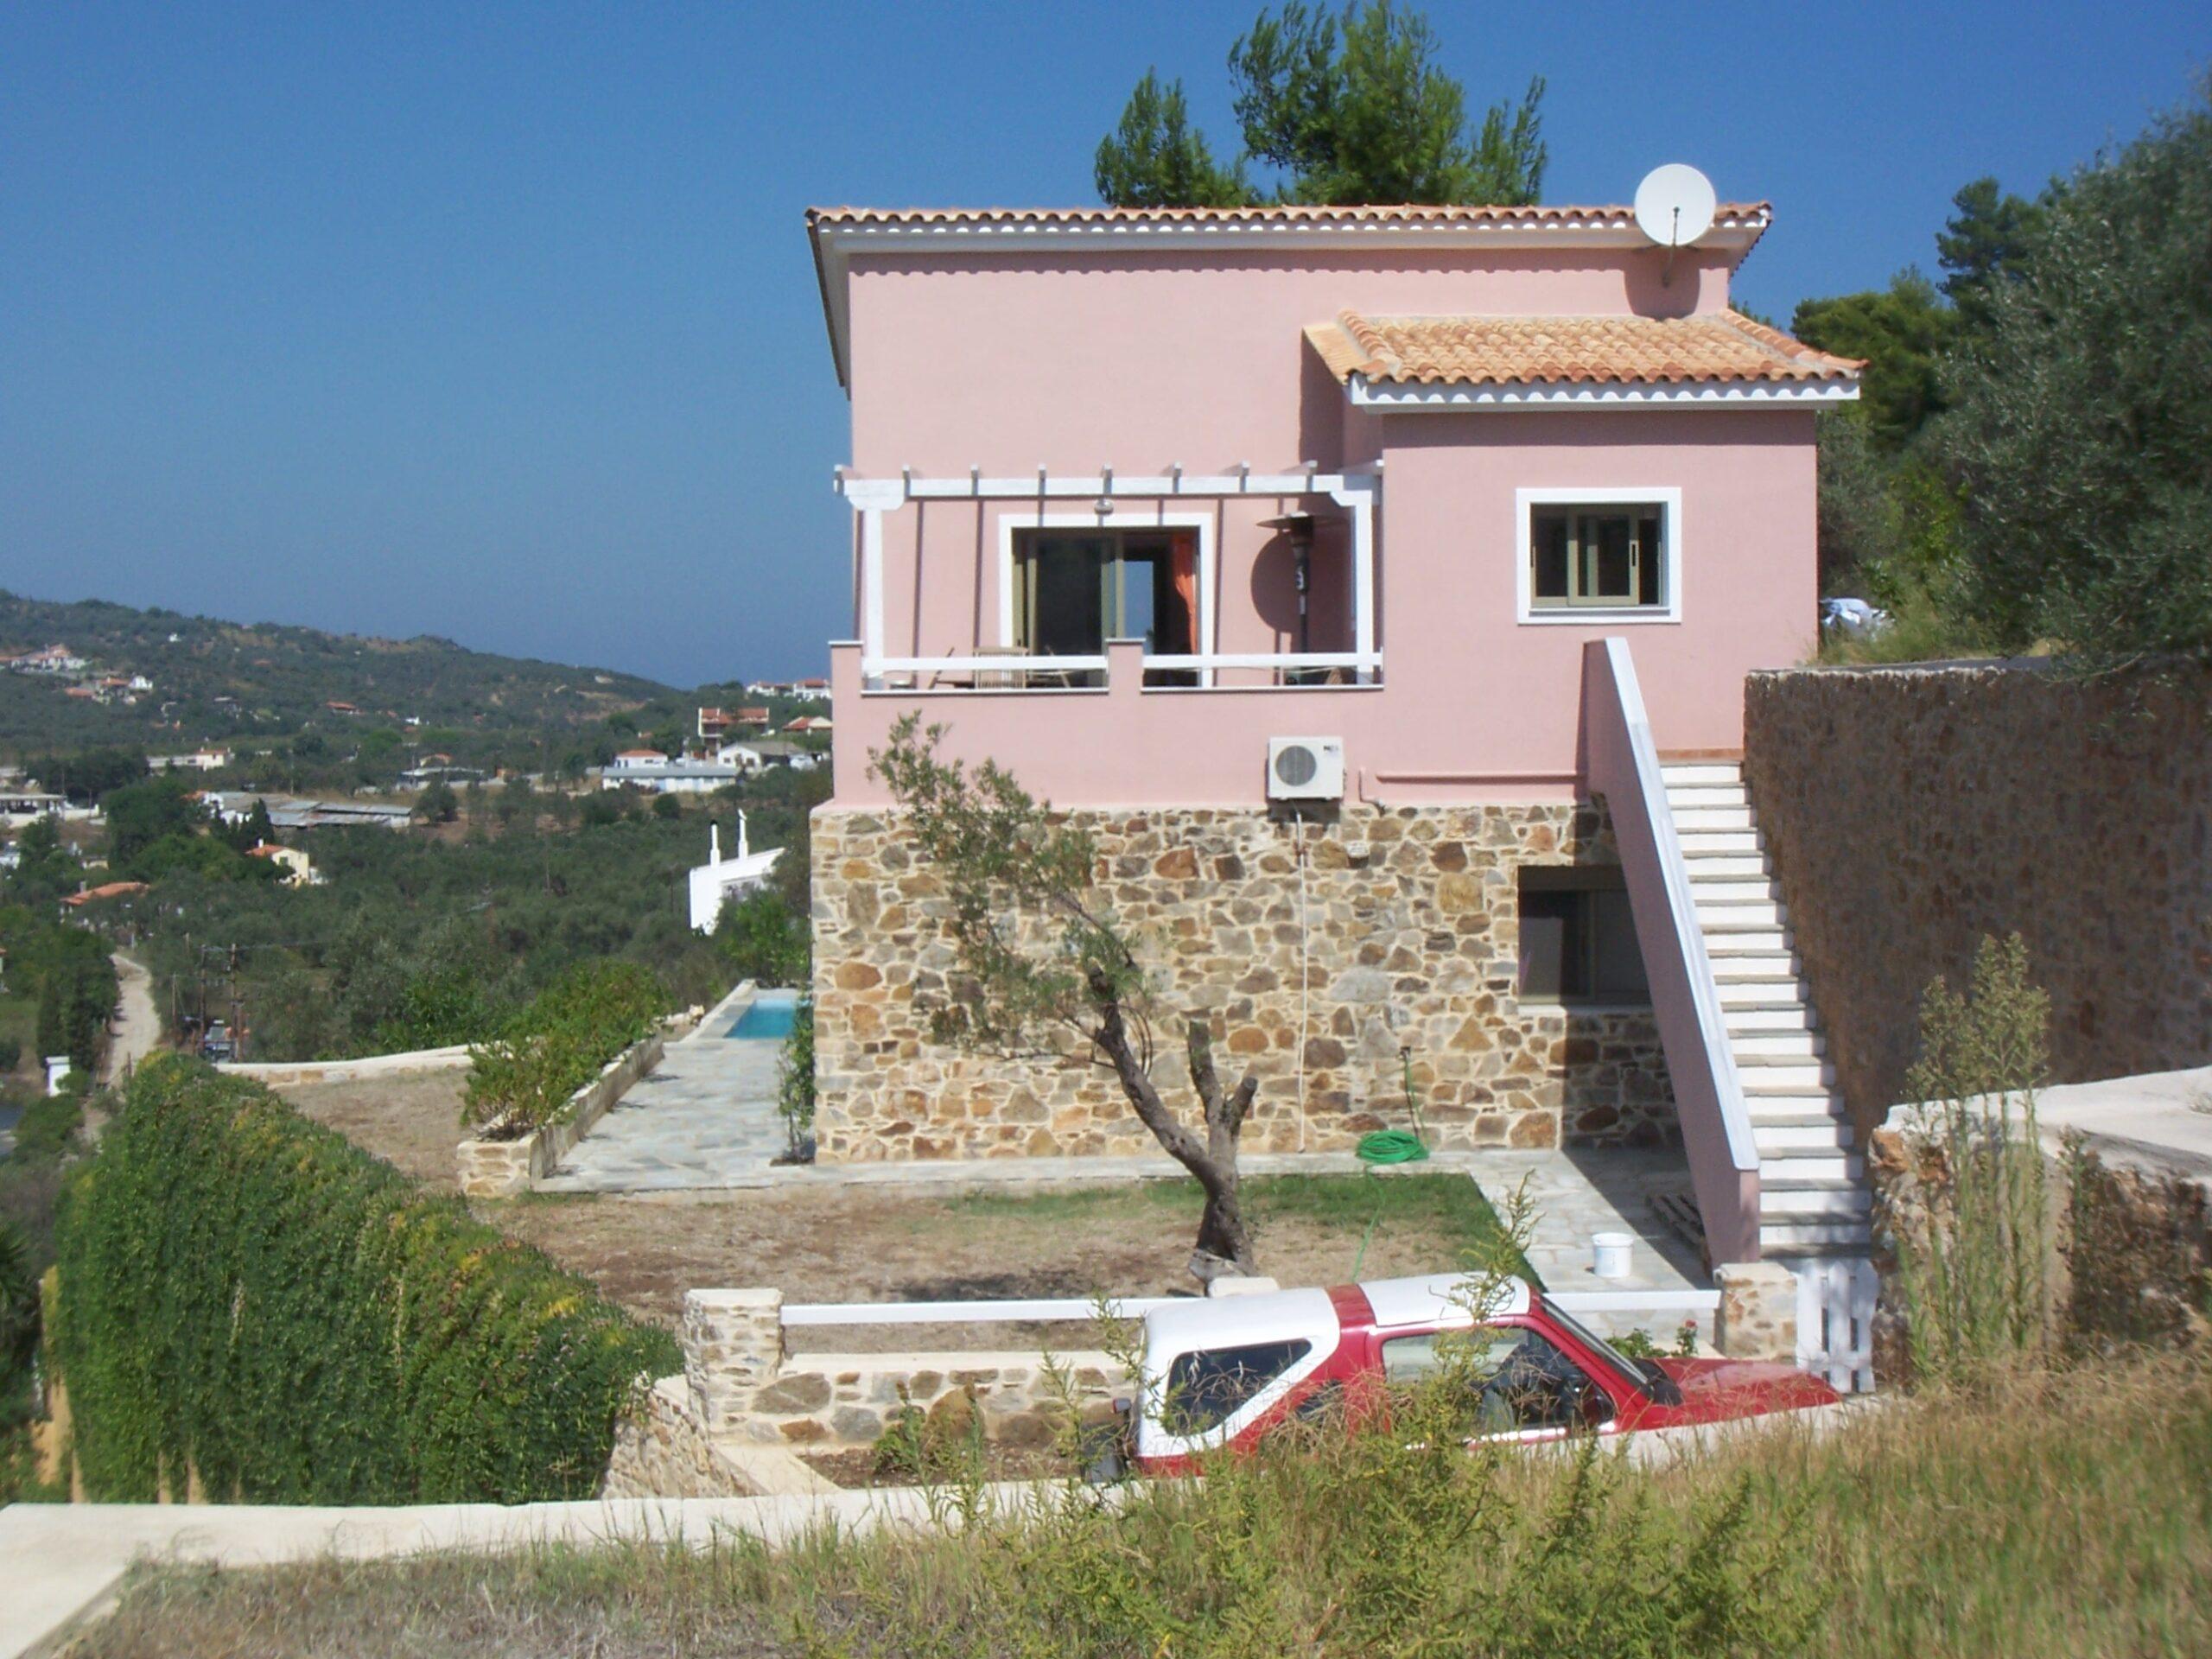 Villa and swimming pool at Aghios Georgos